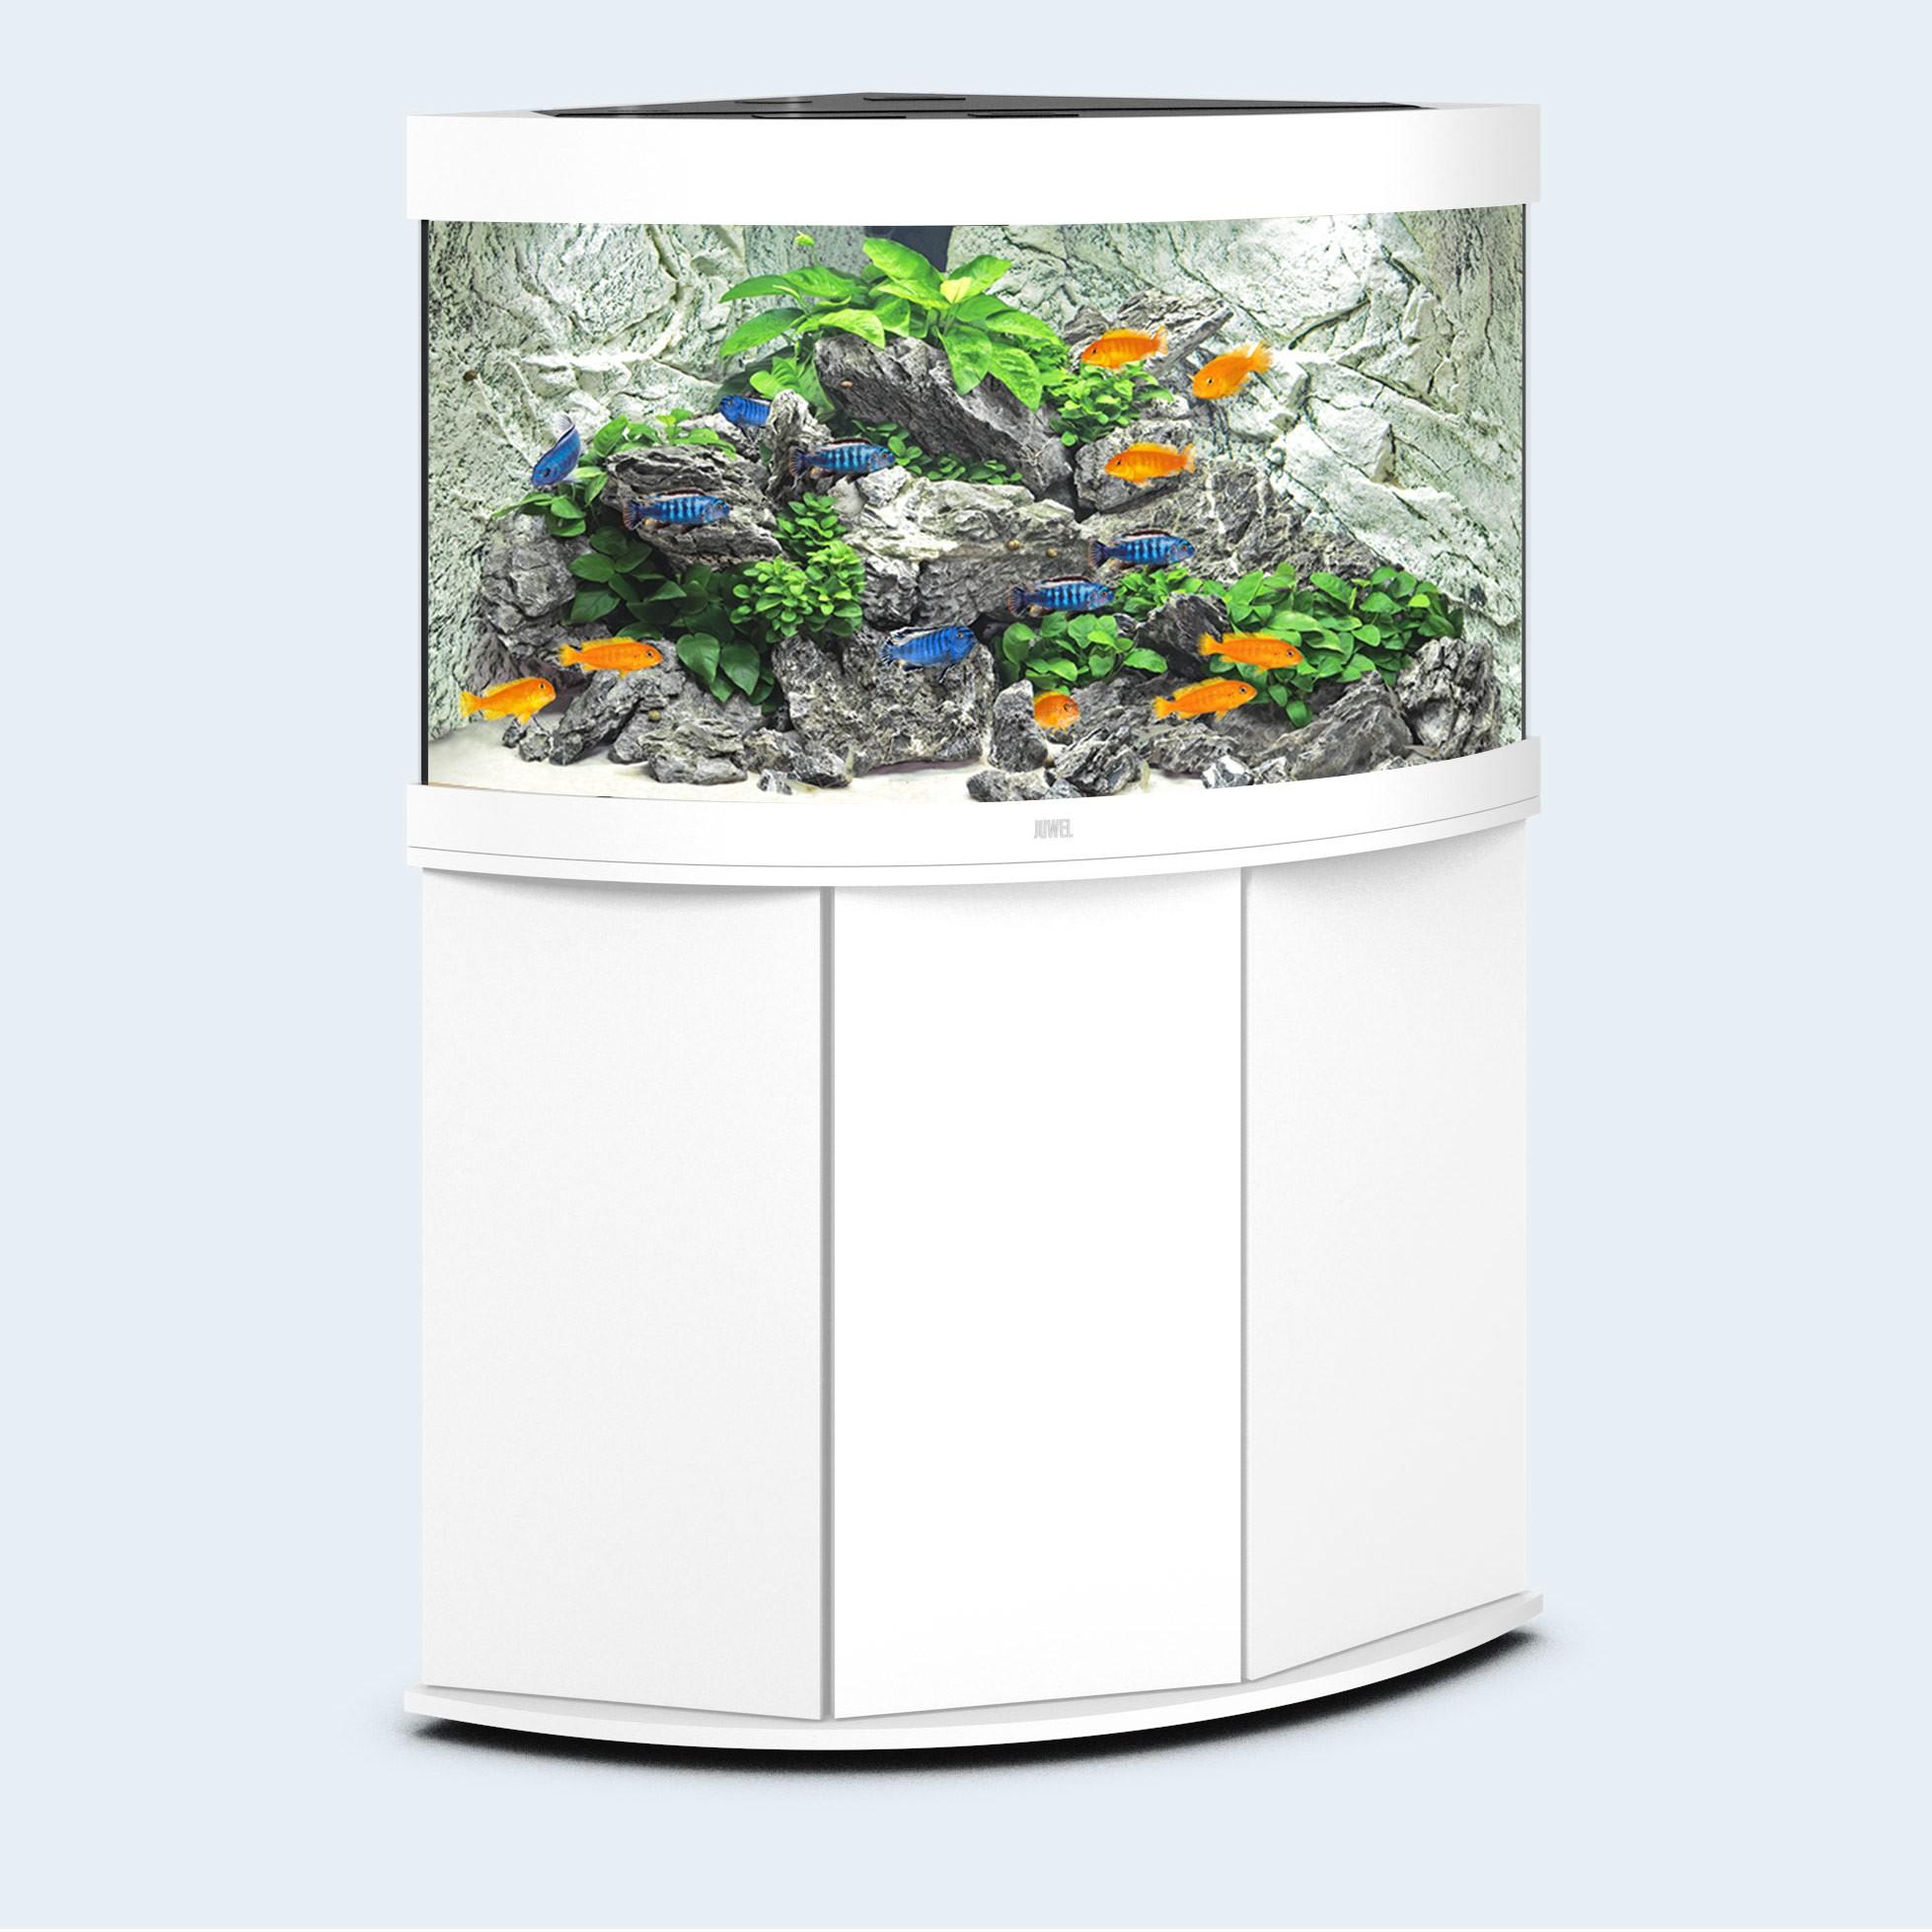 Juwel Trigon 190 liter hvid med underskab og Ledlys